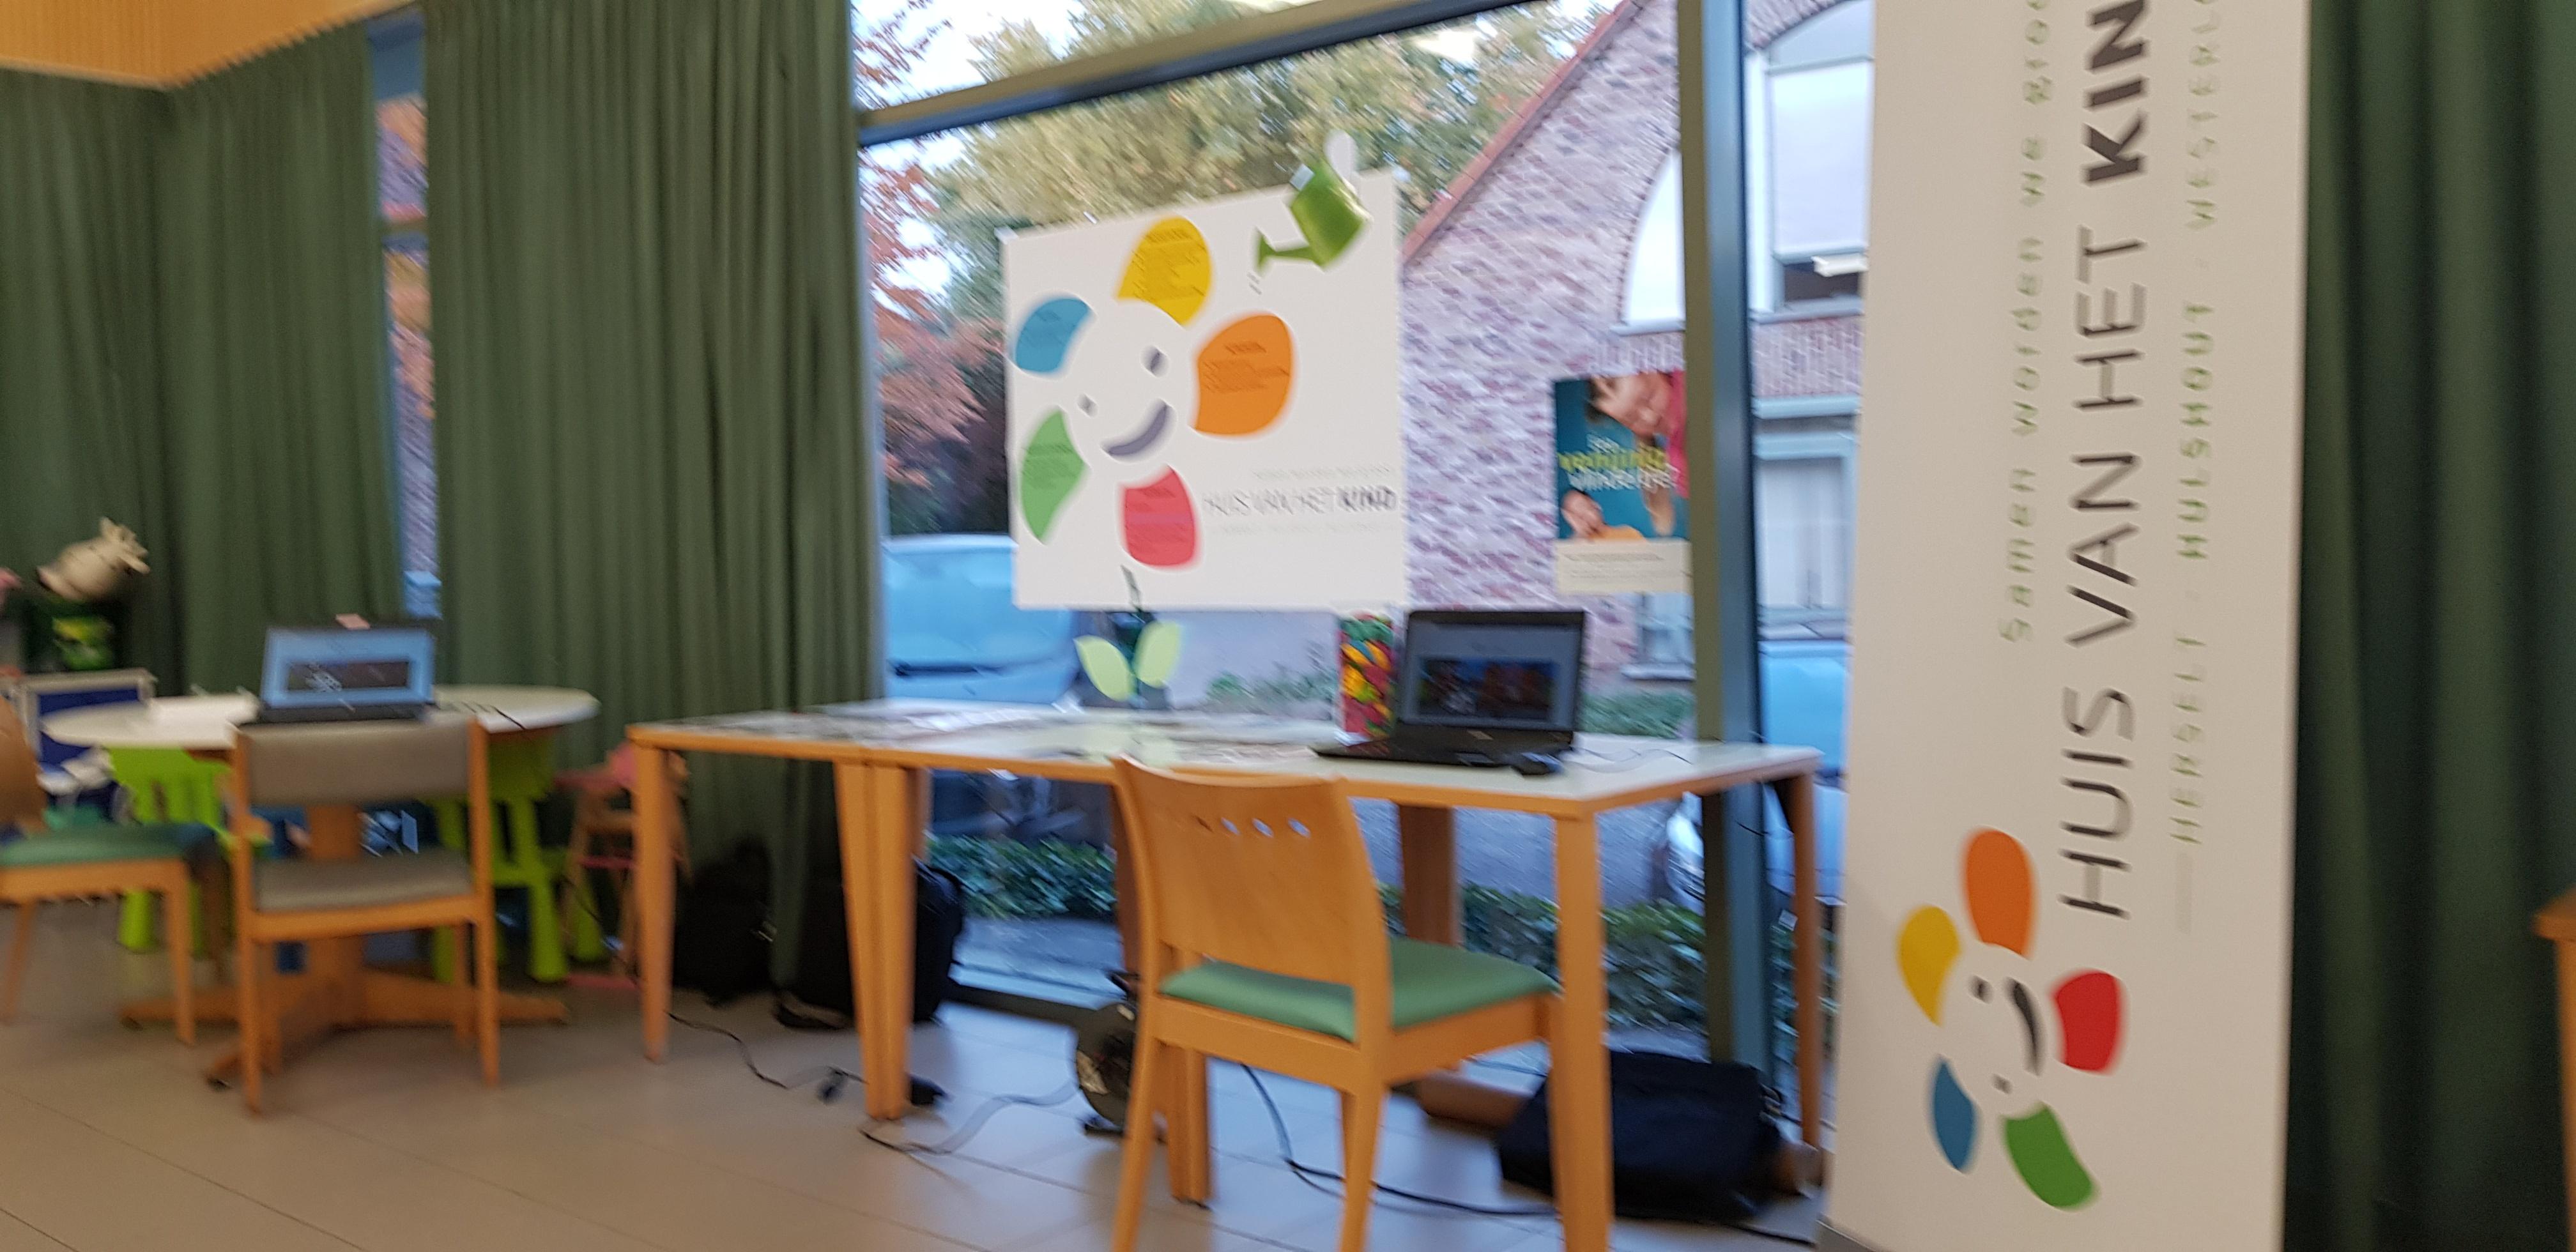 Workshop Genderbewuste opvoeding en genderneutrale opvoeding Huis van het Kind Westerlo